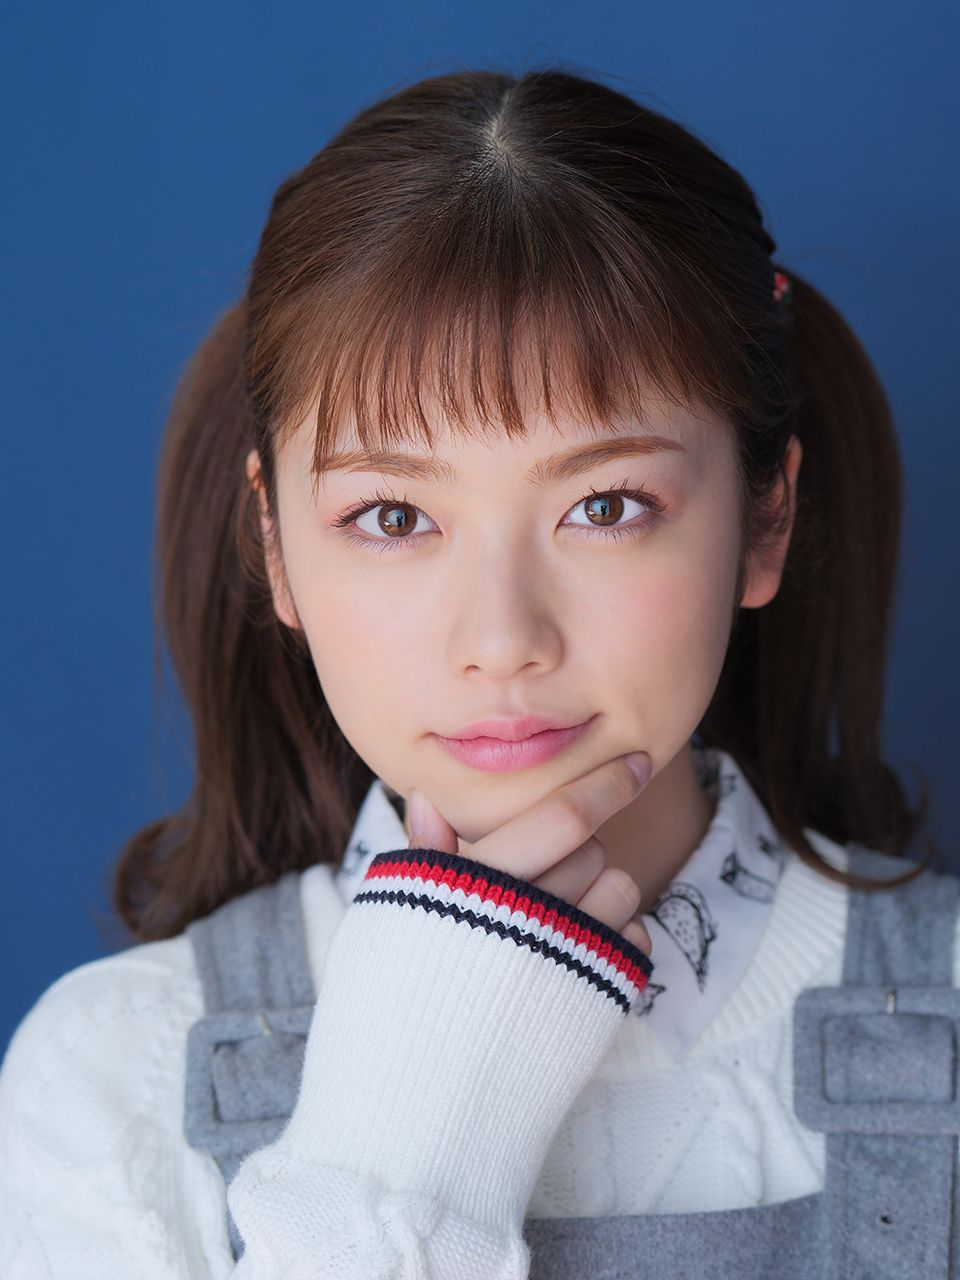 PICK UP ACTRESS 岡崎紗絵 | HUSTLE PRESS OFFICIAL WEB SITE | 岡崎紗絵